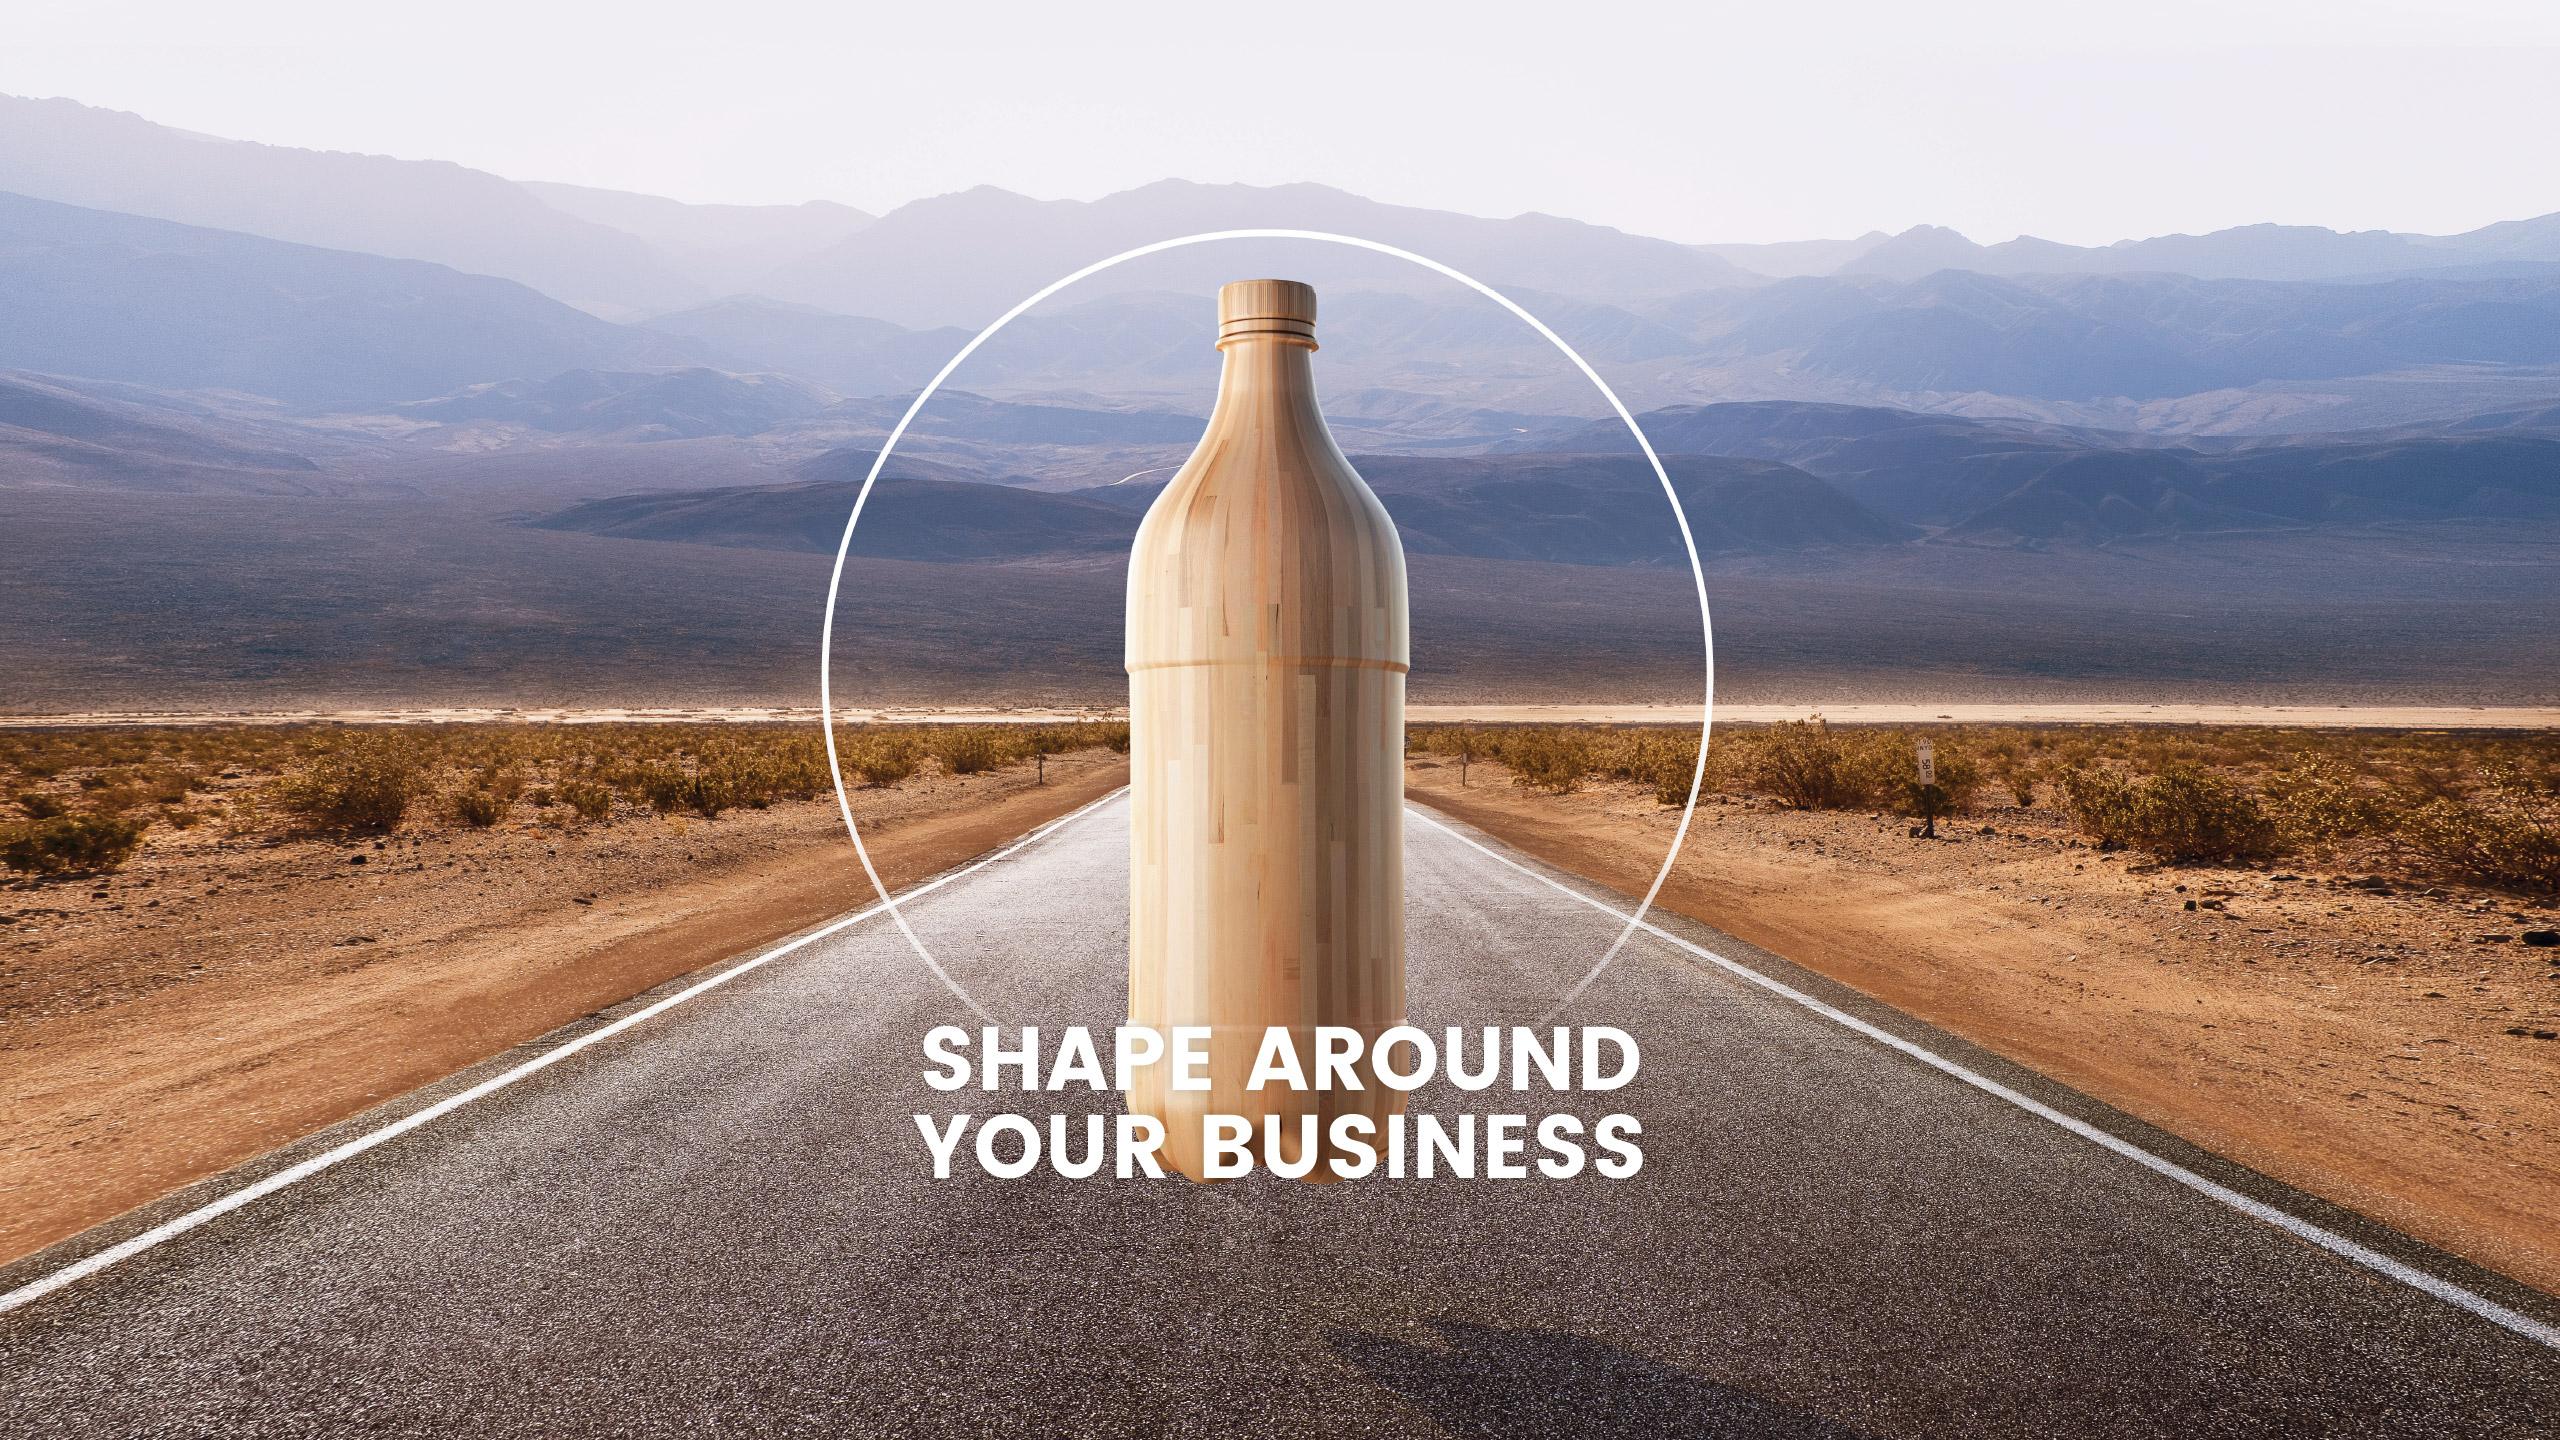 Bouteille de bois shape around your business